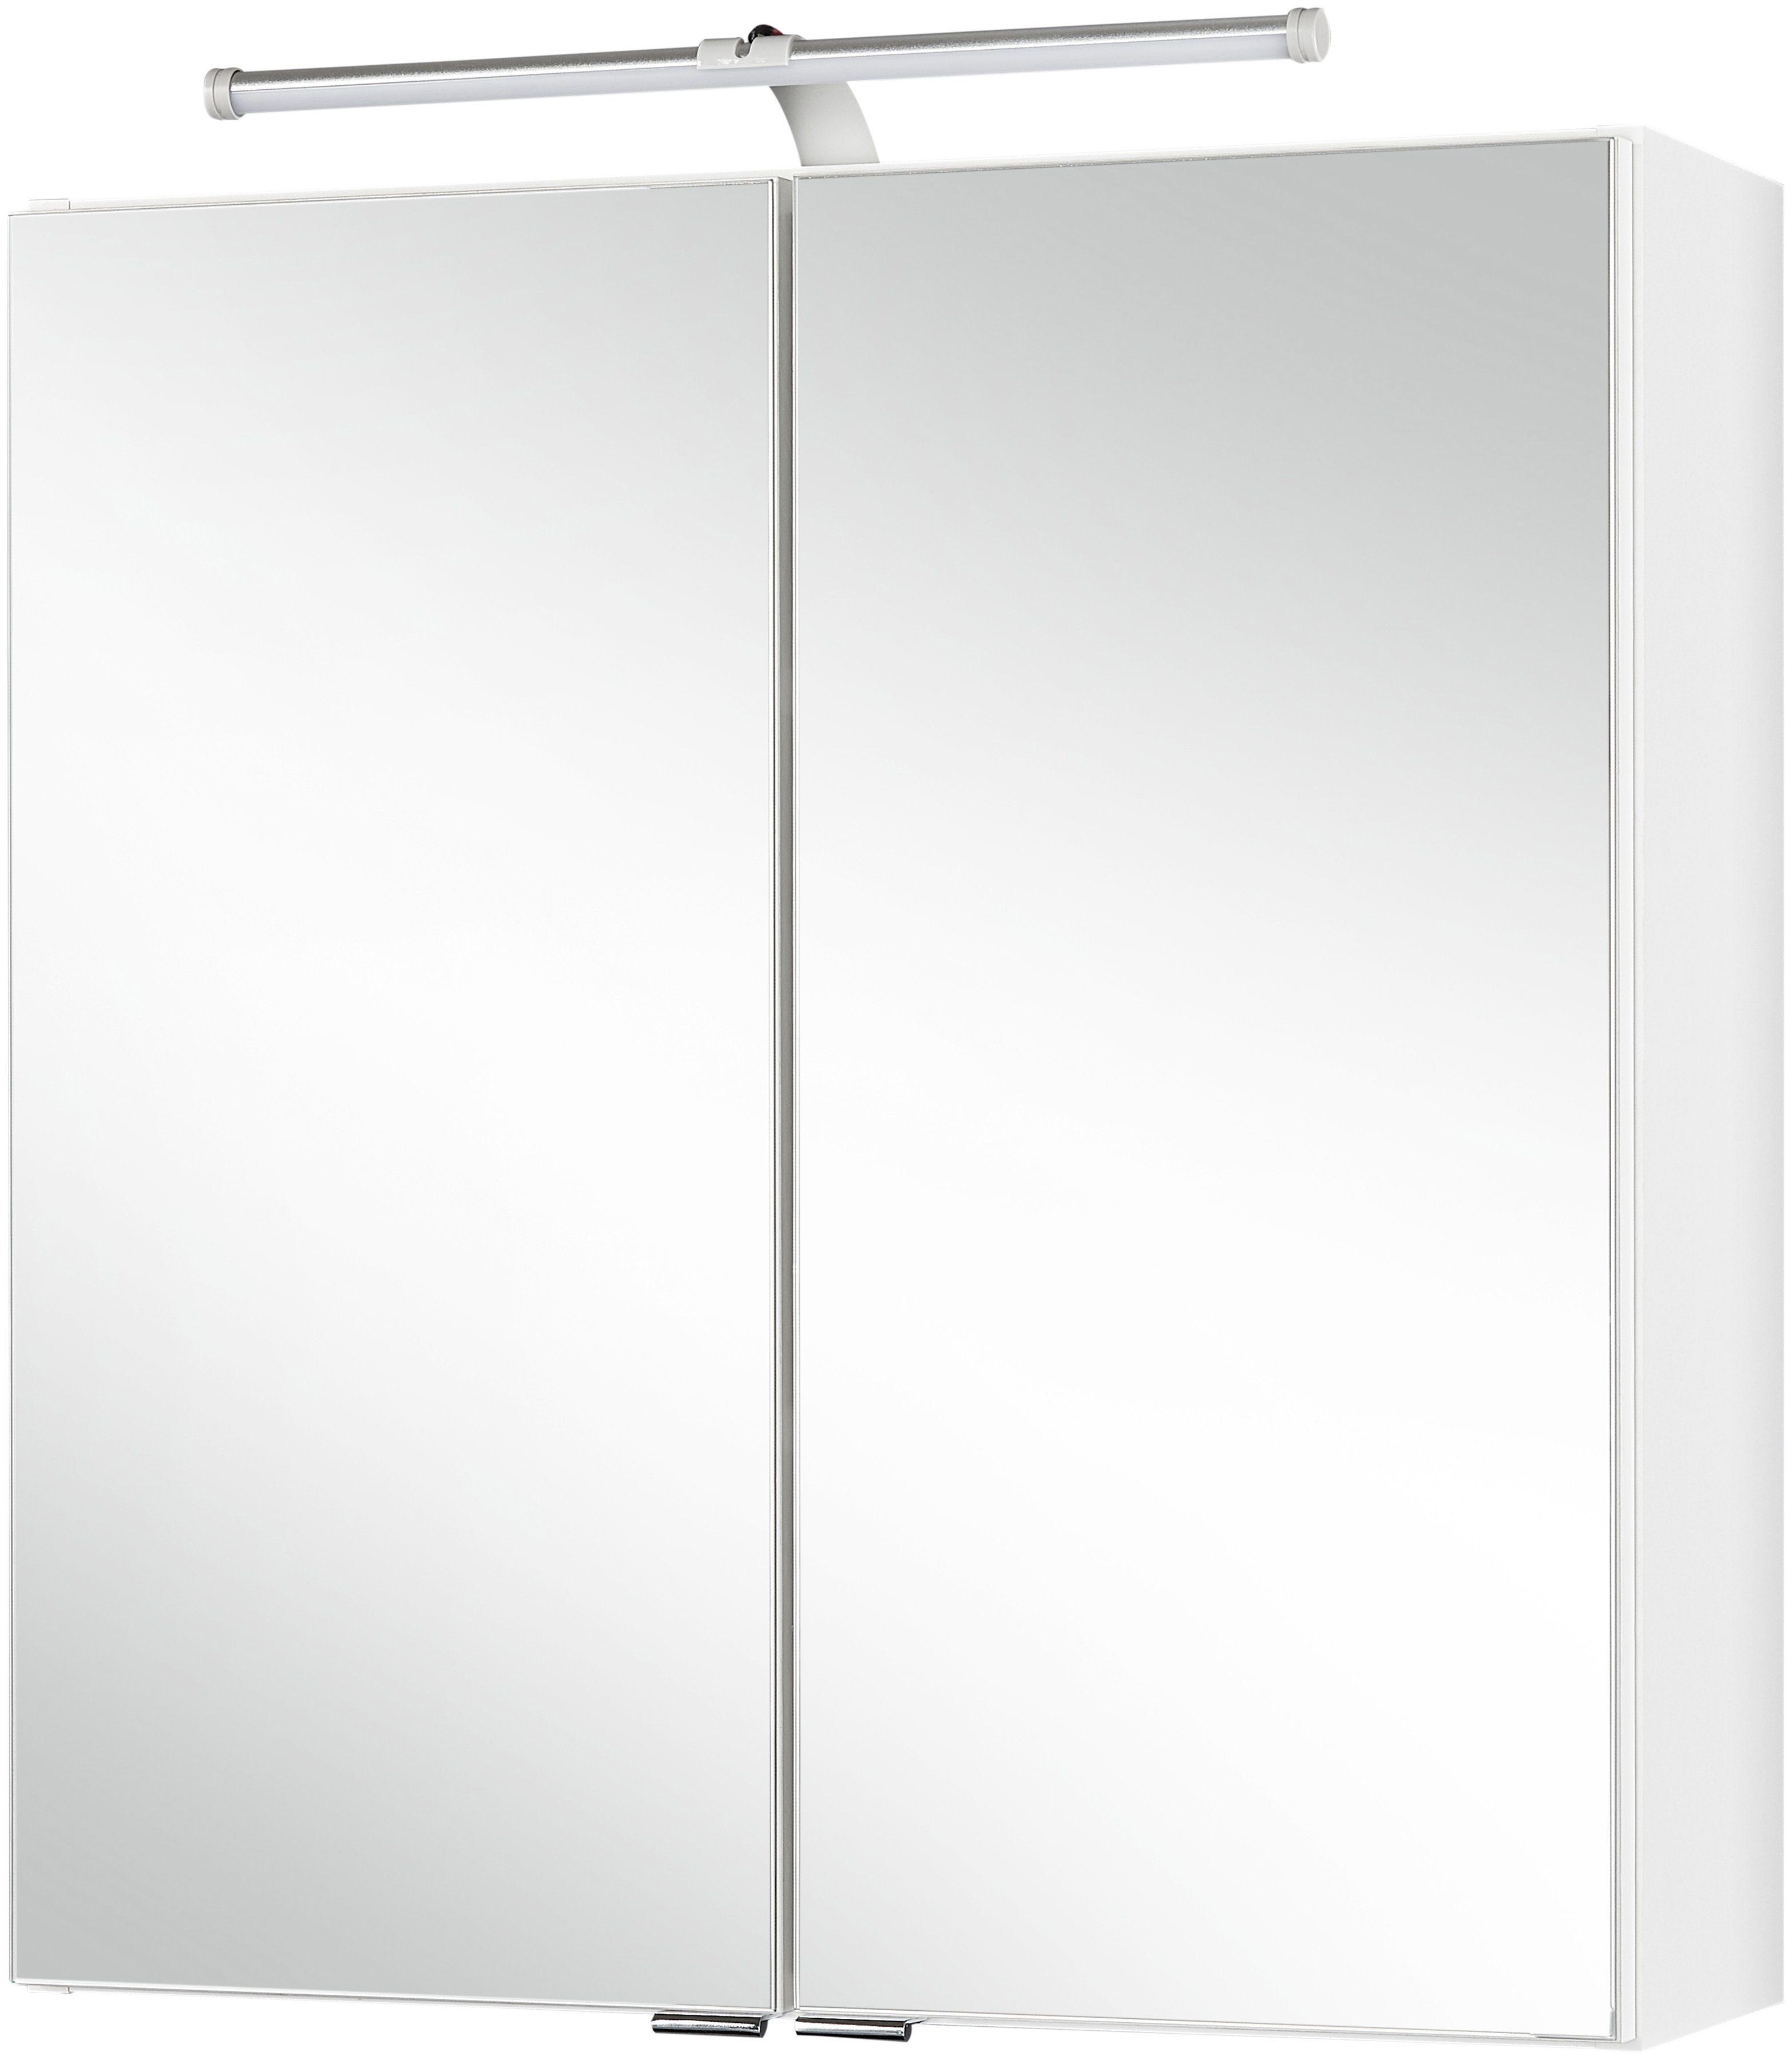 HELD MÖBEL Spiegelschrank »Turin«, Breite: 60 cm, mit LED-Beleuchtung